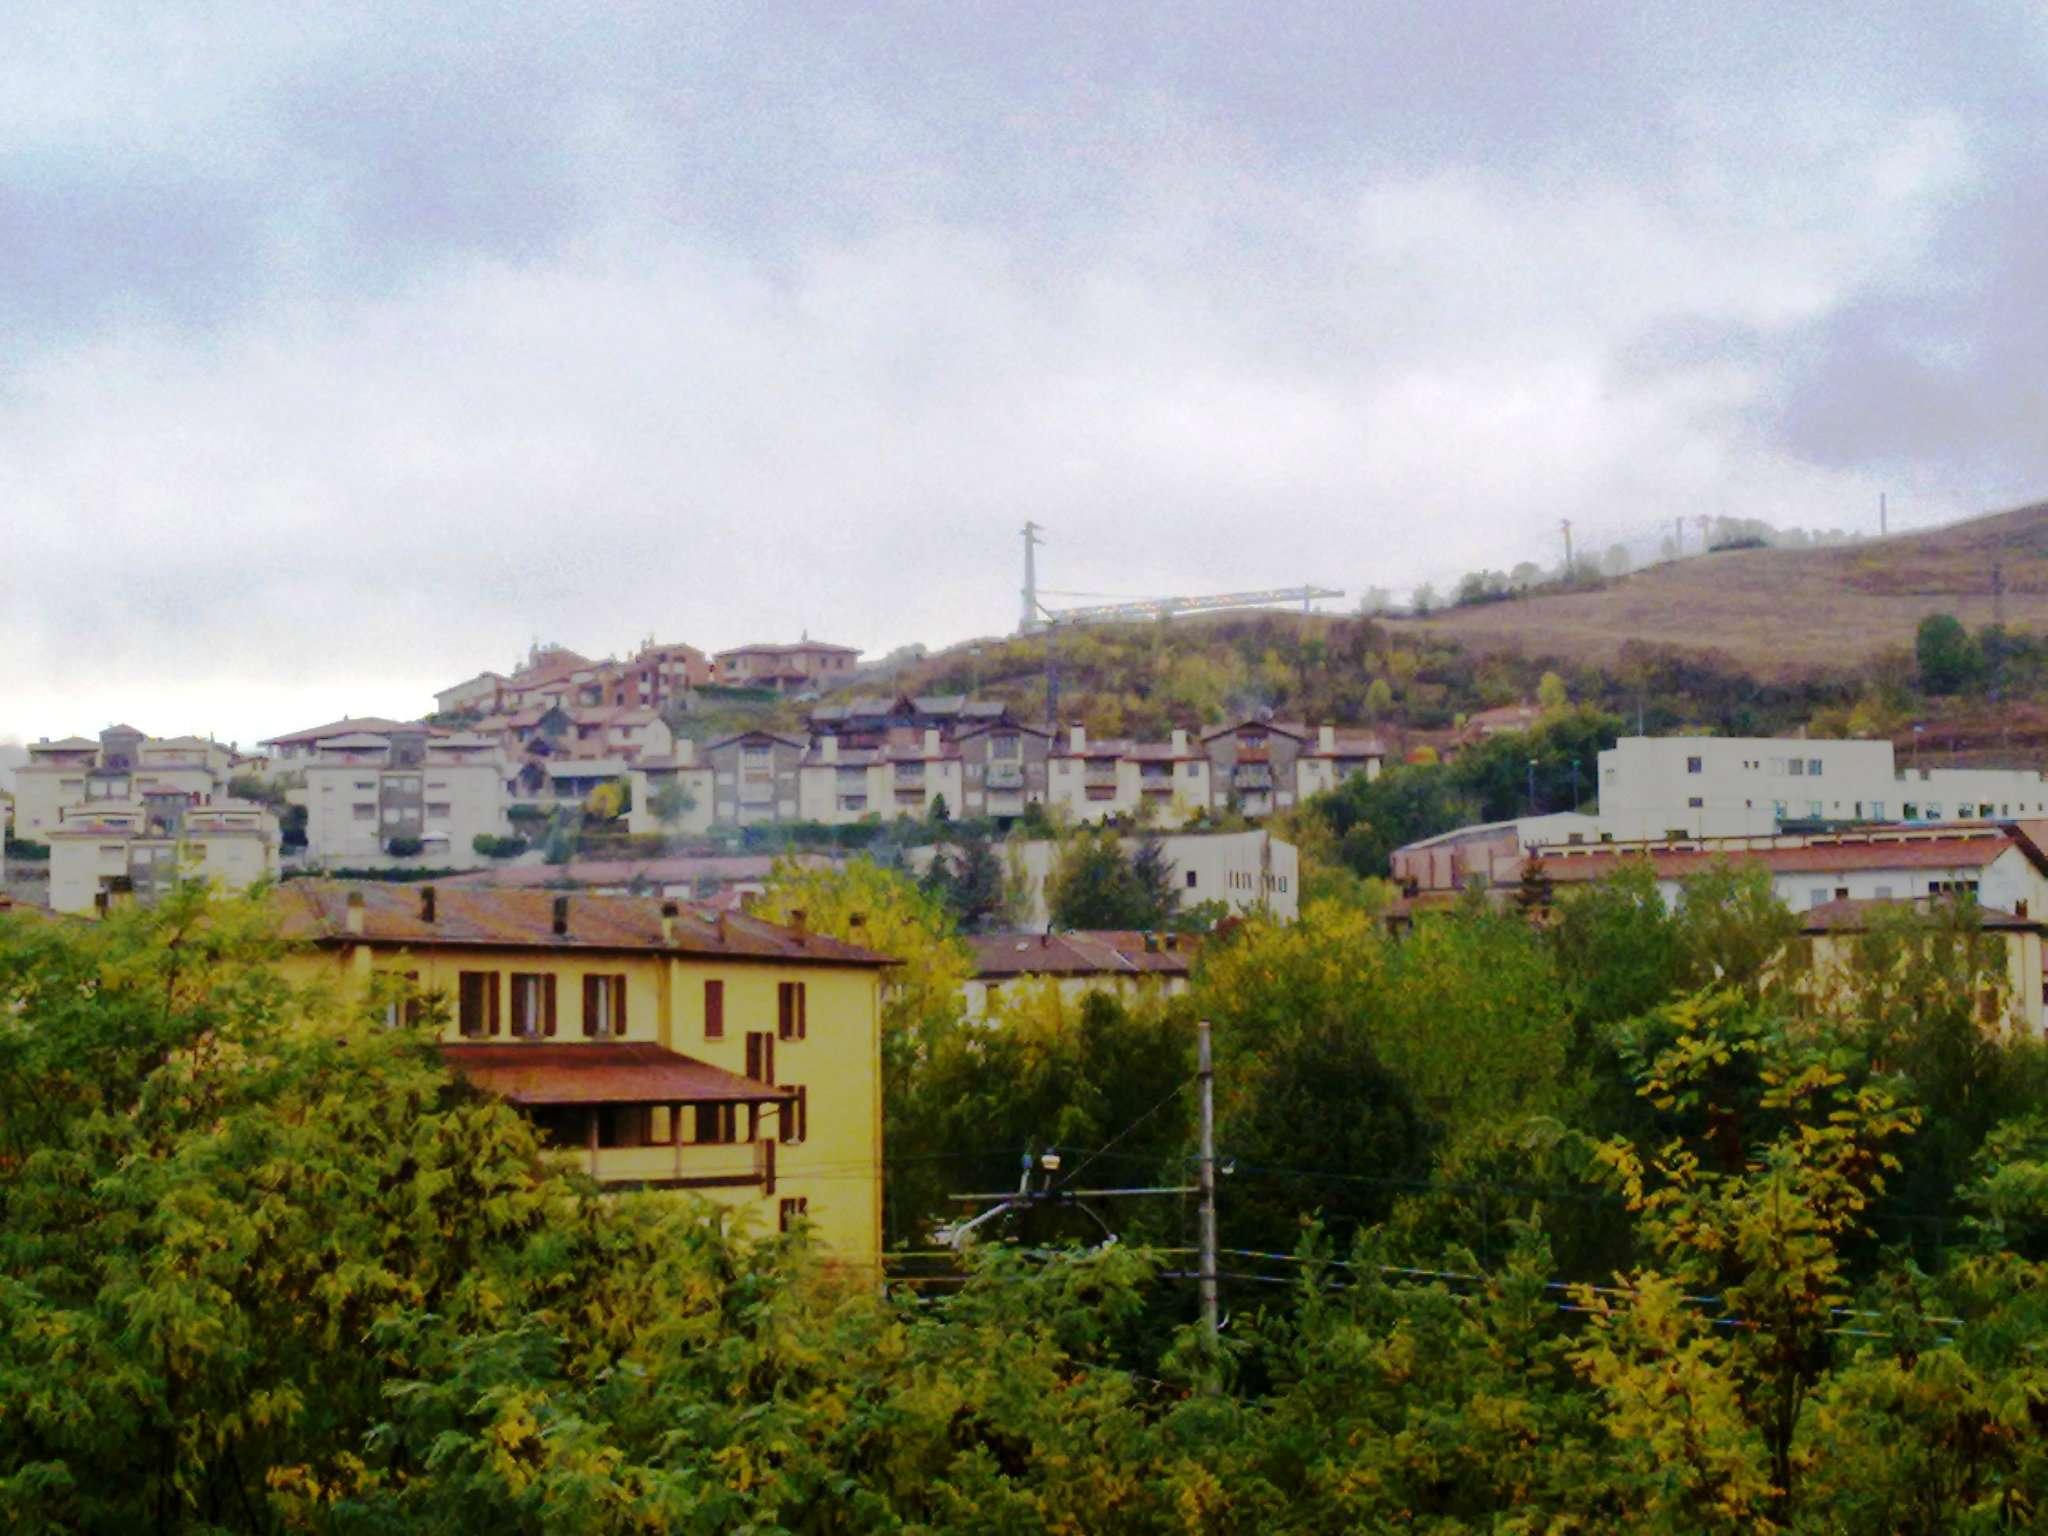 Appartamento in vendita a Vergato, 2 locali, prezzo € 45.000 | Cambio Casa.it